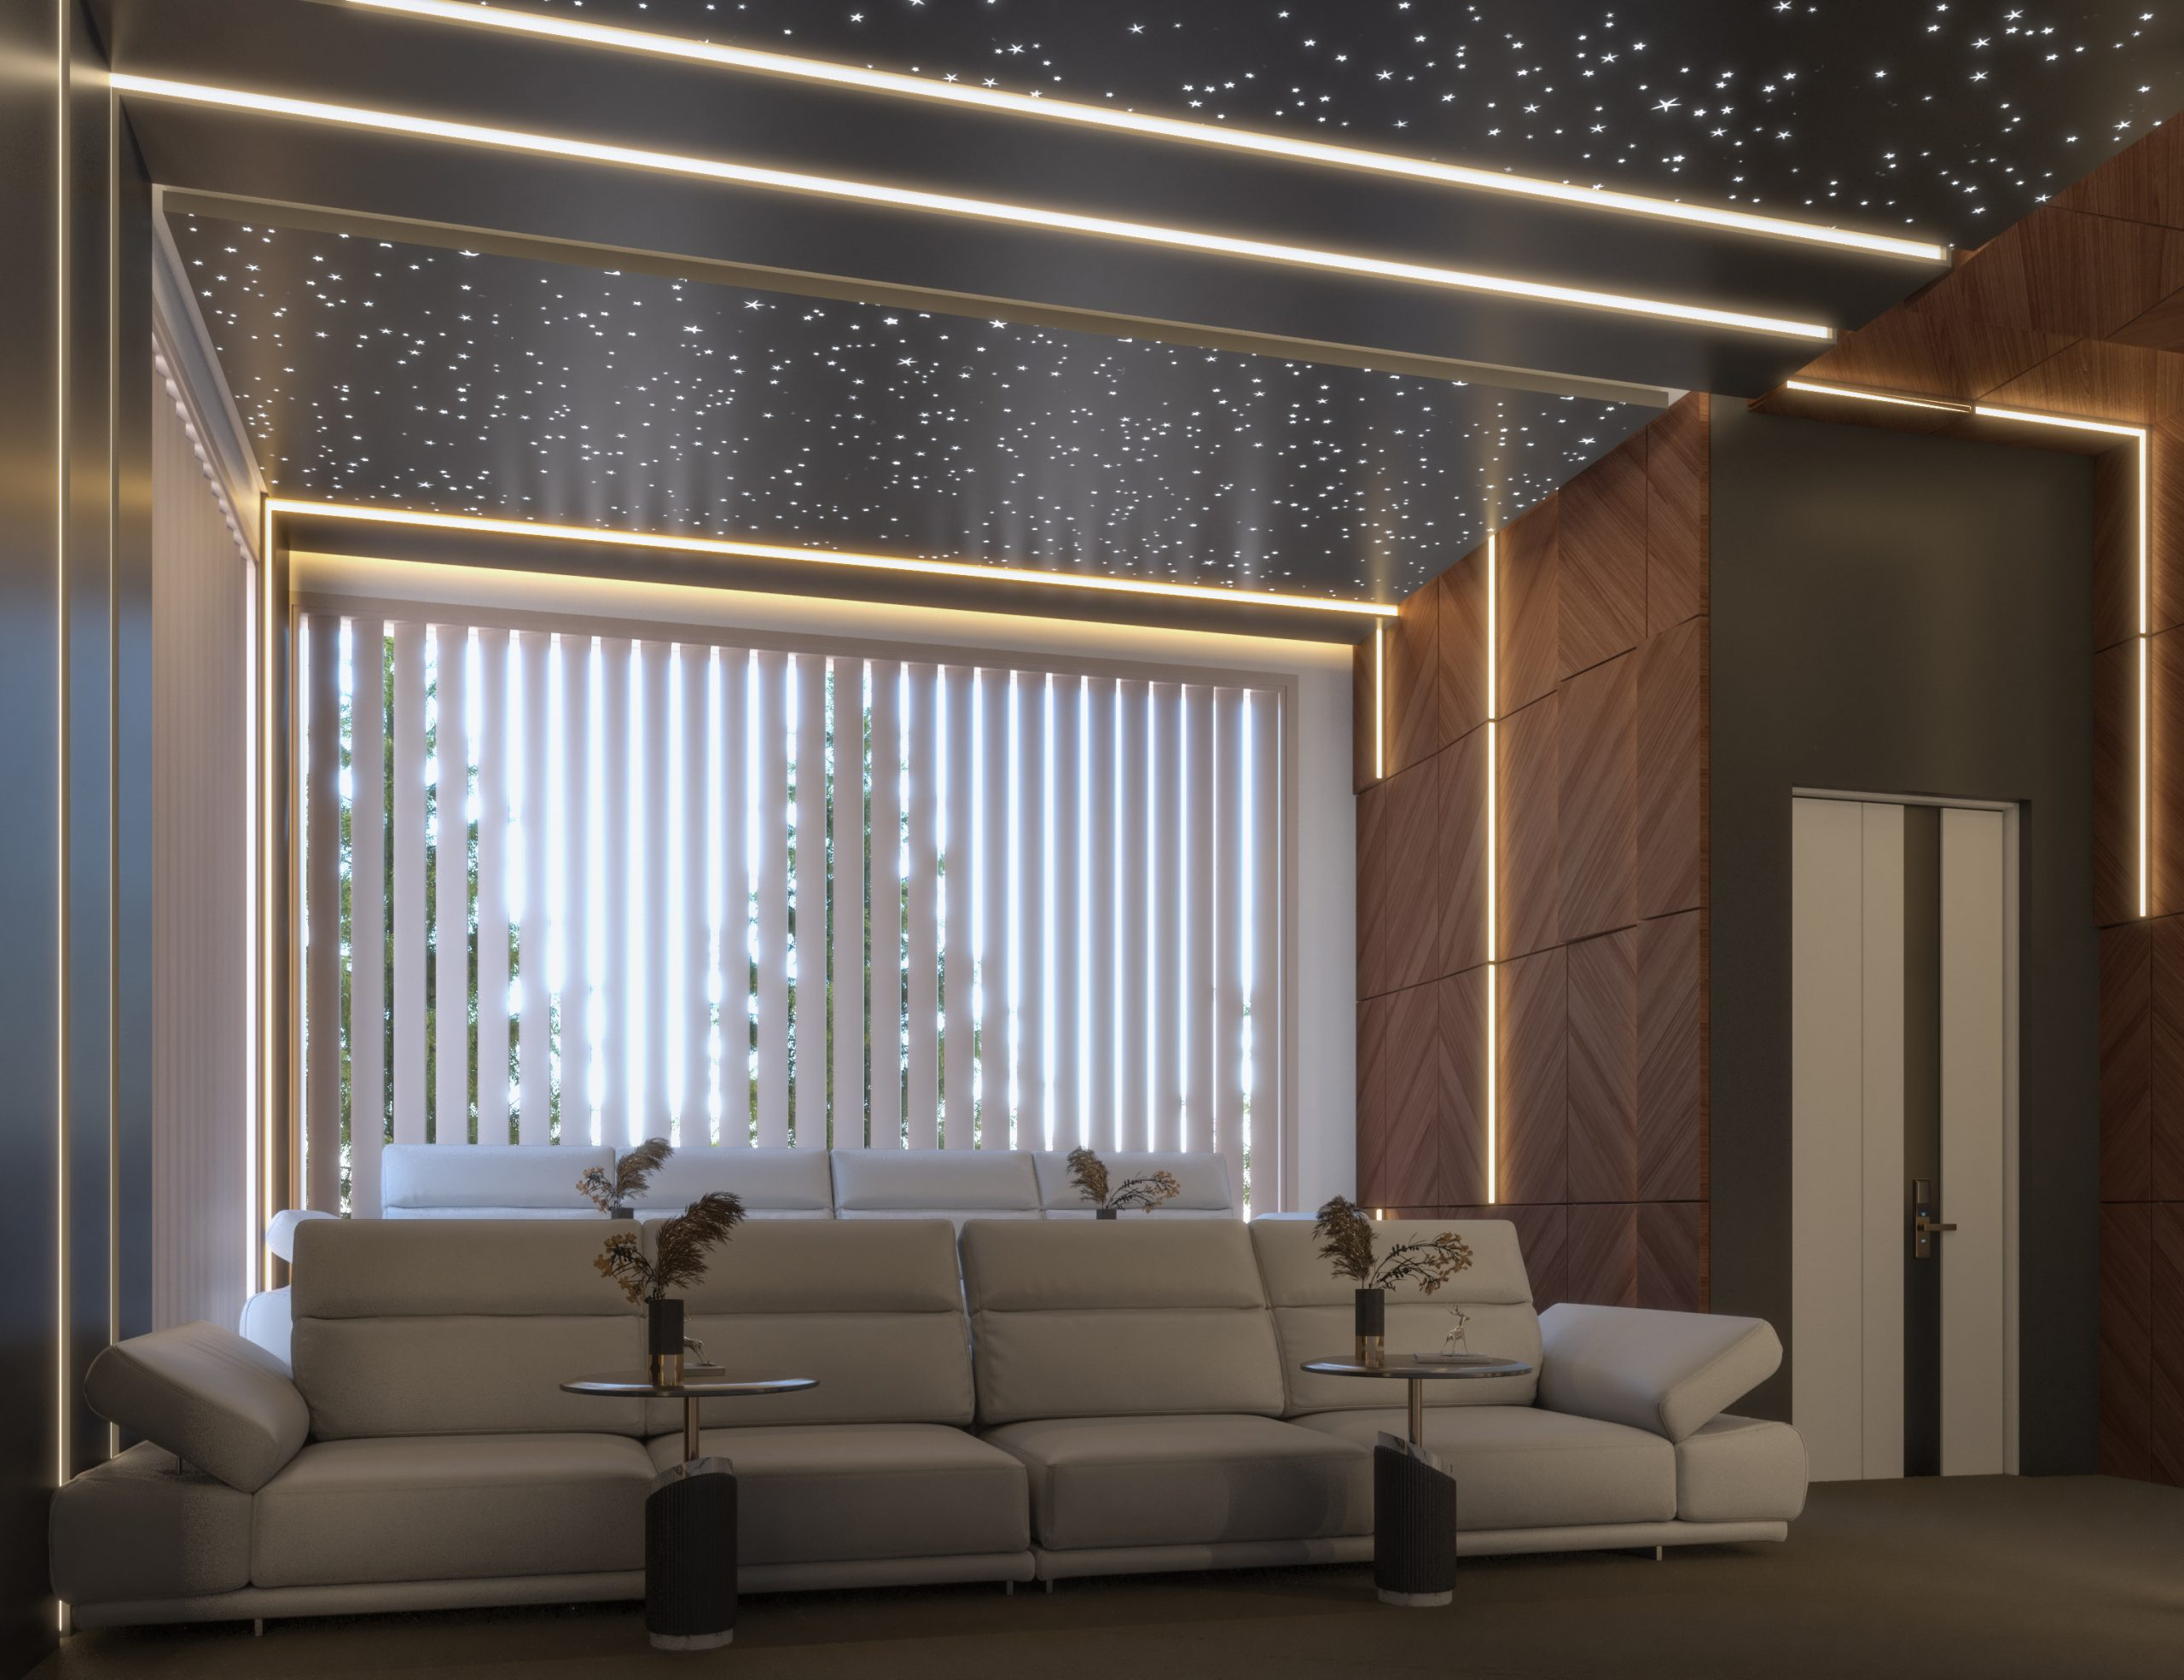 back ground window -cinema - stars design